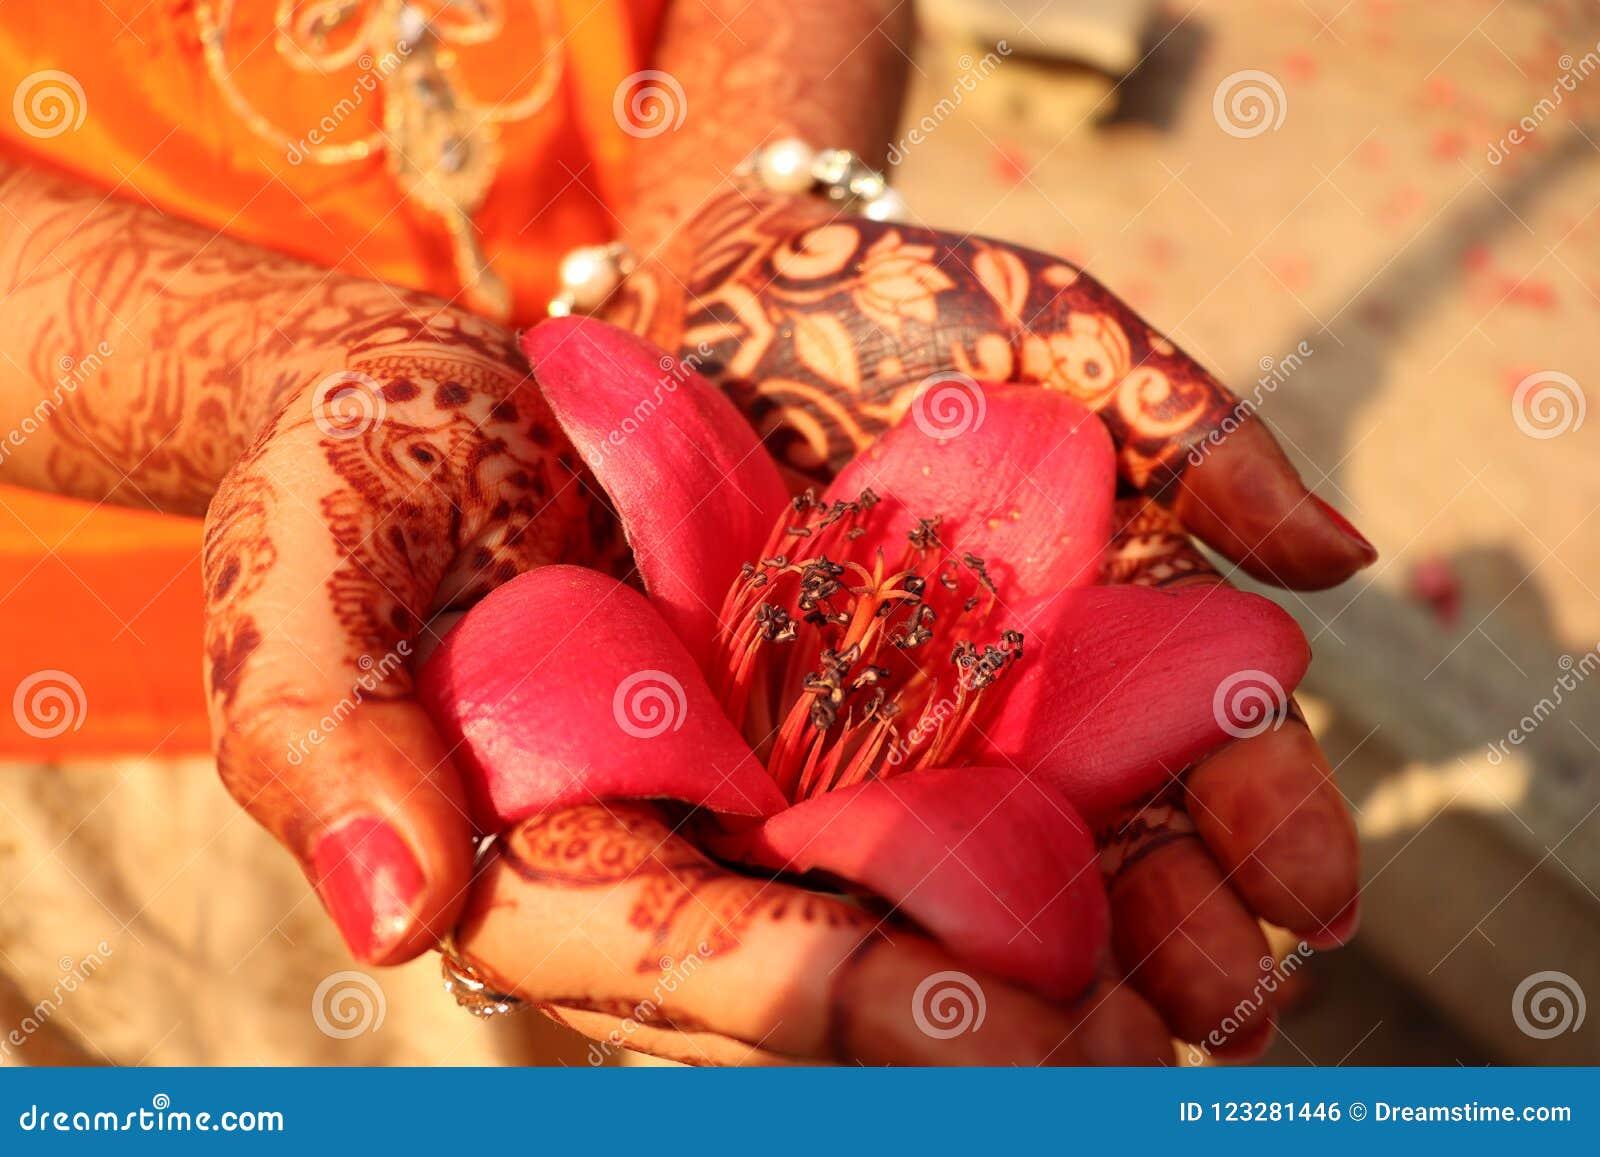 Flor hermosa en manos delicadas